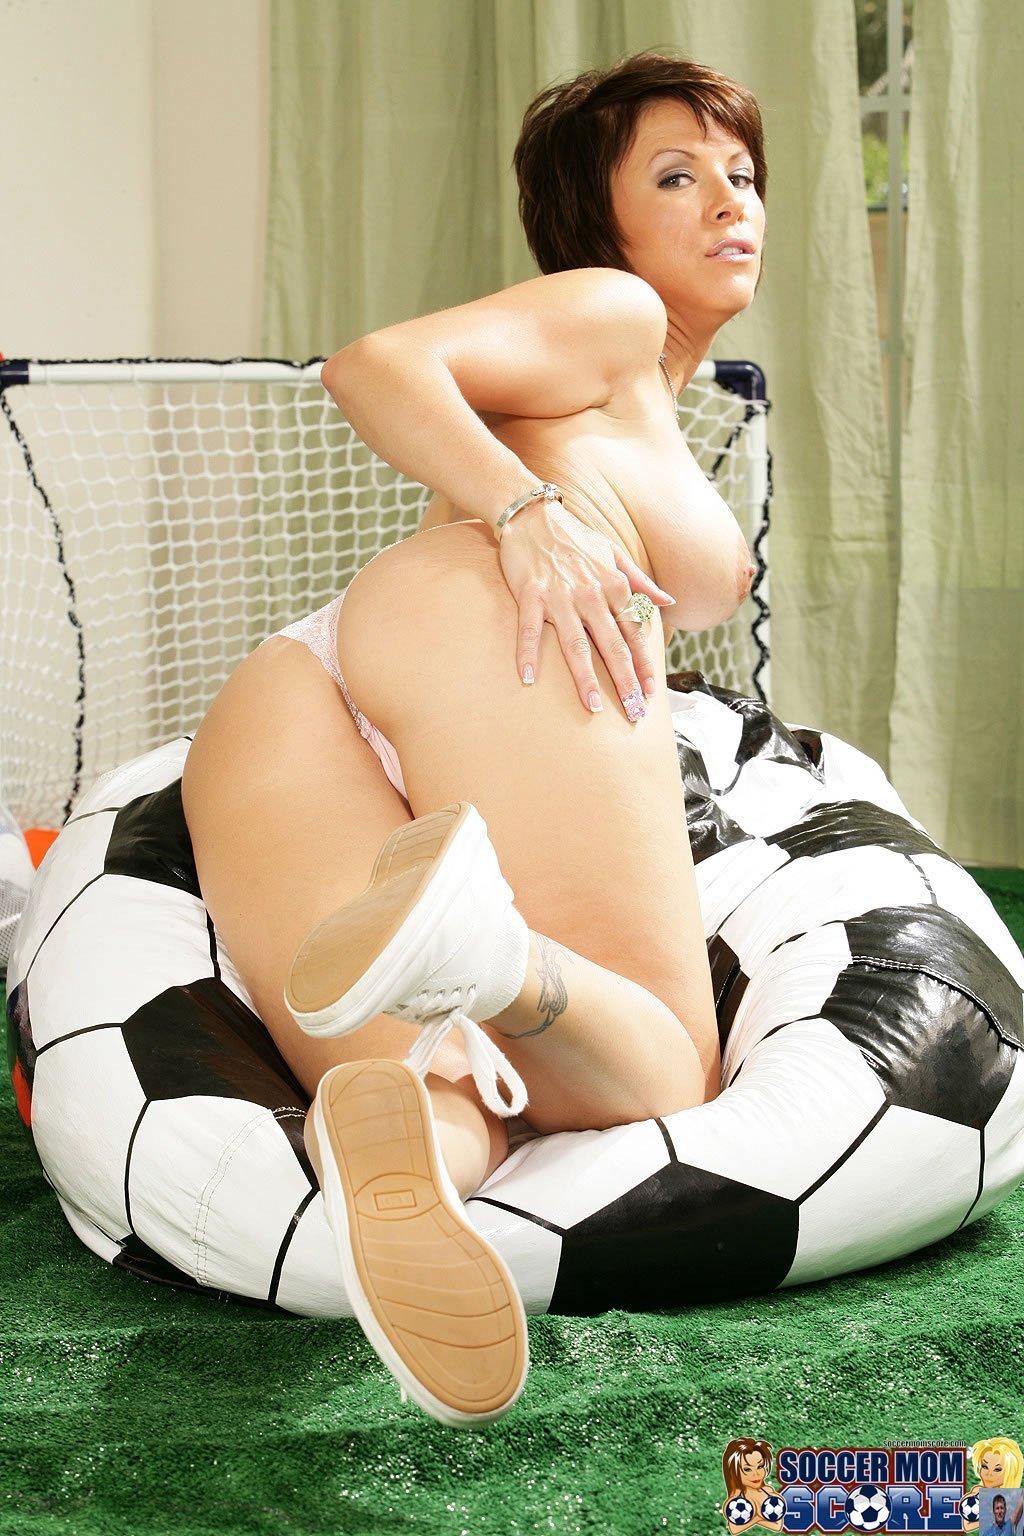 soccer mom porn